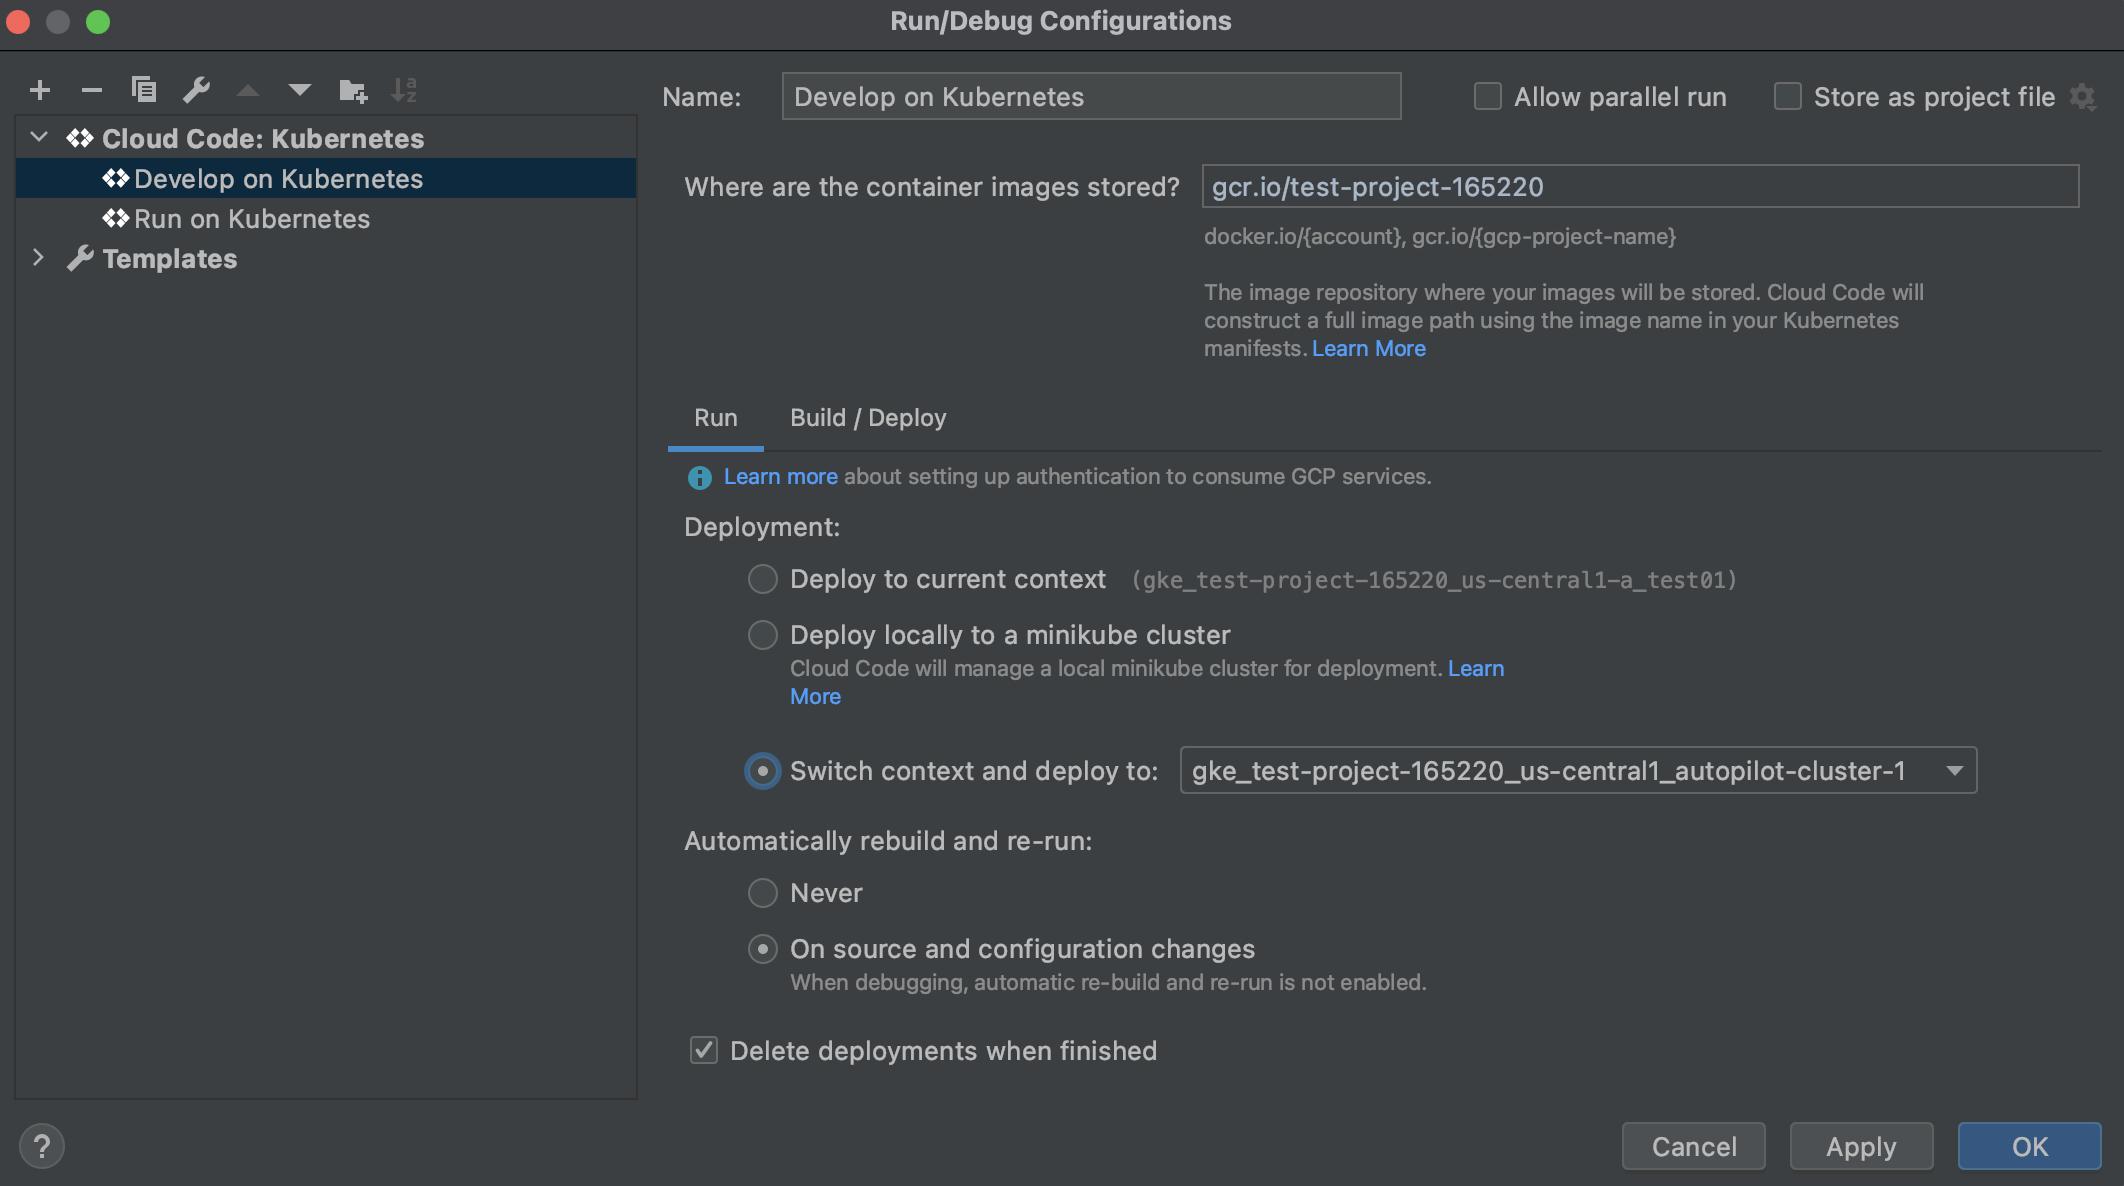 Como selecionar o contexto de implantação do Kubernetes em uma configuração do Cloud Code Kubernetes